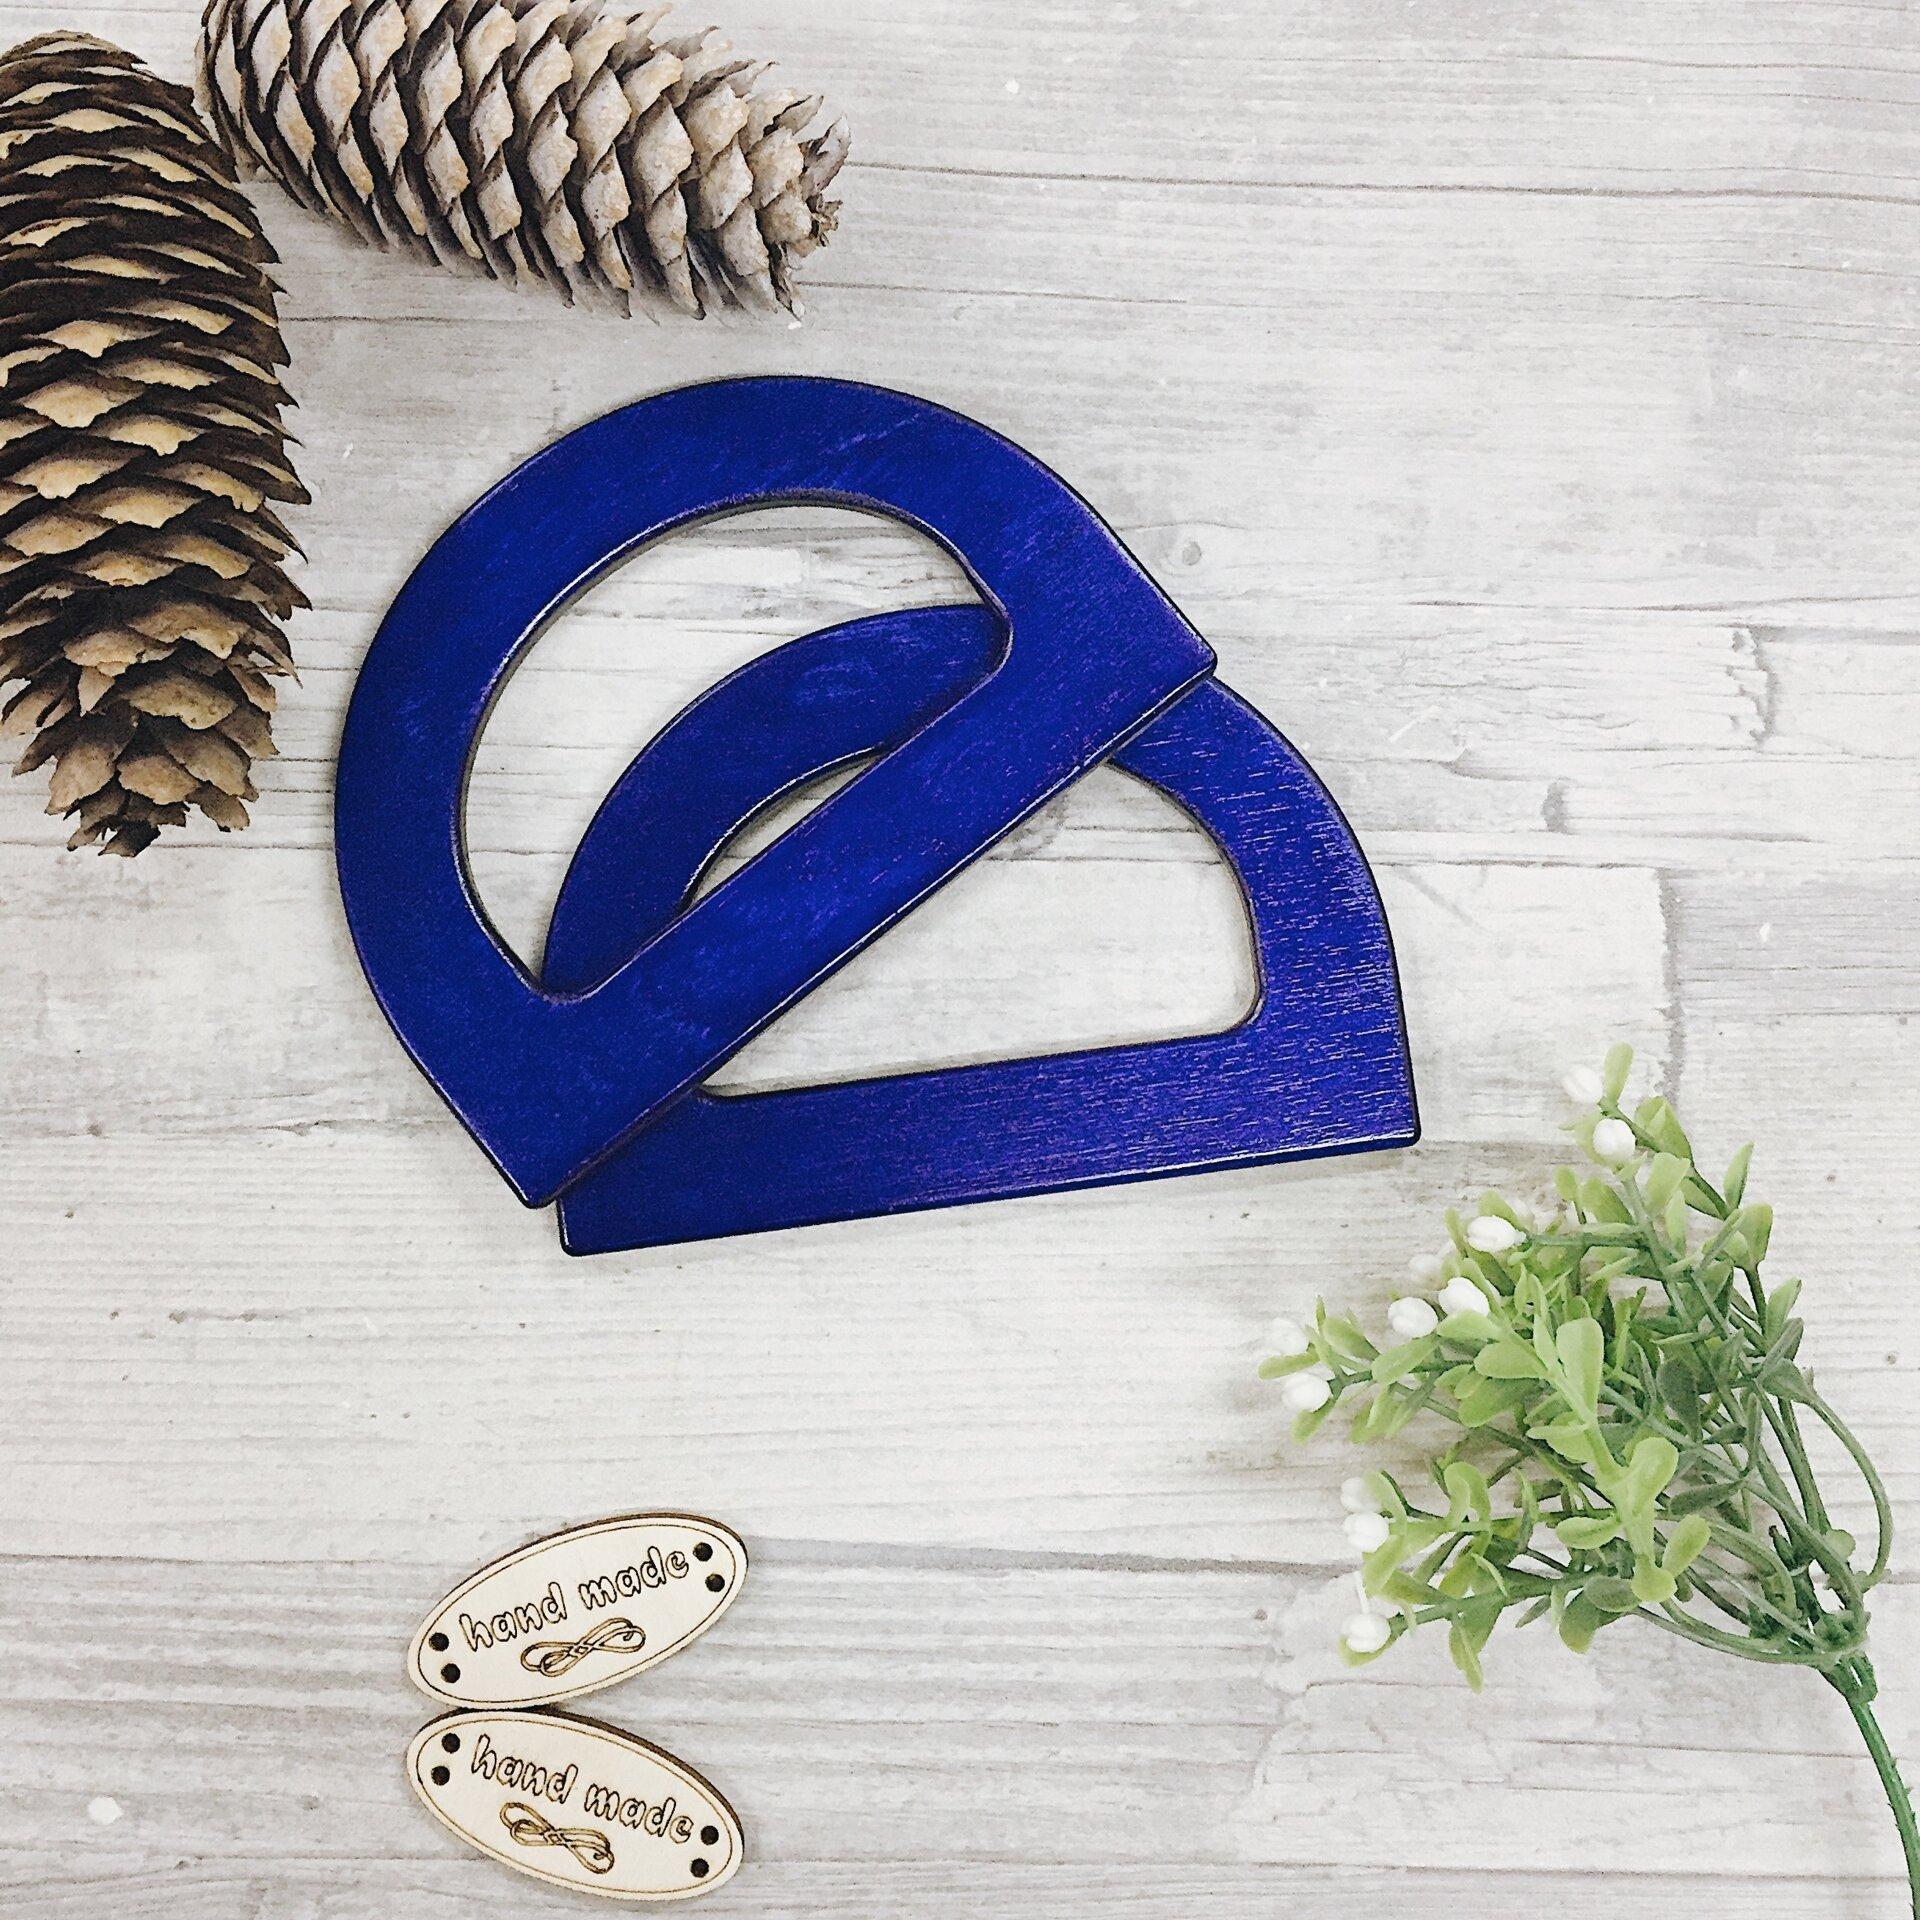 Деревянные ручки для вязаных сумок, полукруг без отверстия, синий - фото pic_327606559001cc221684b6a33c526c60_1920x9000_1.jpg